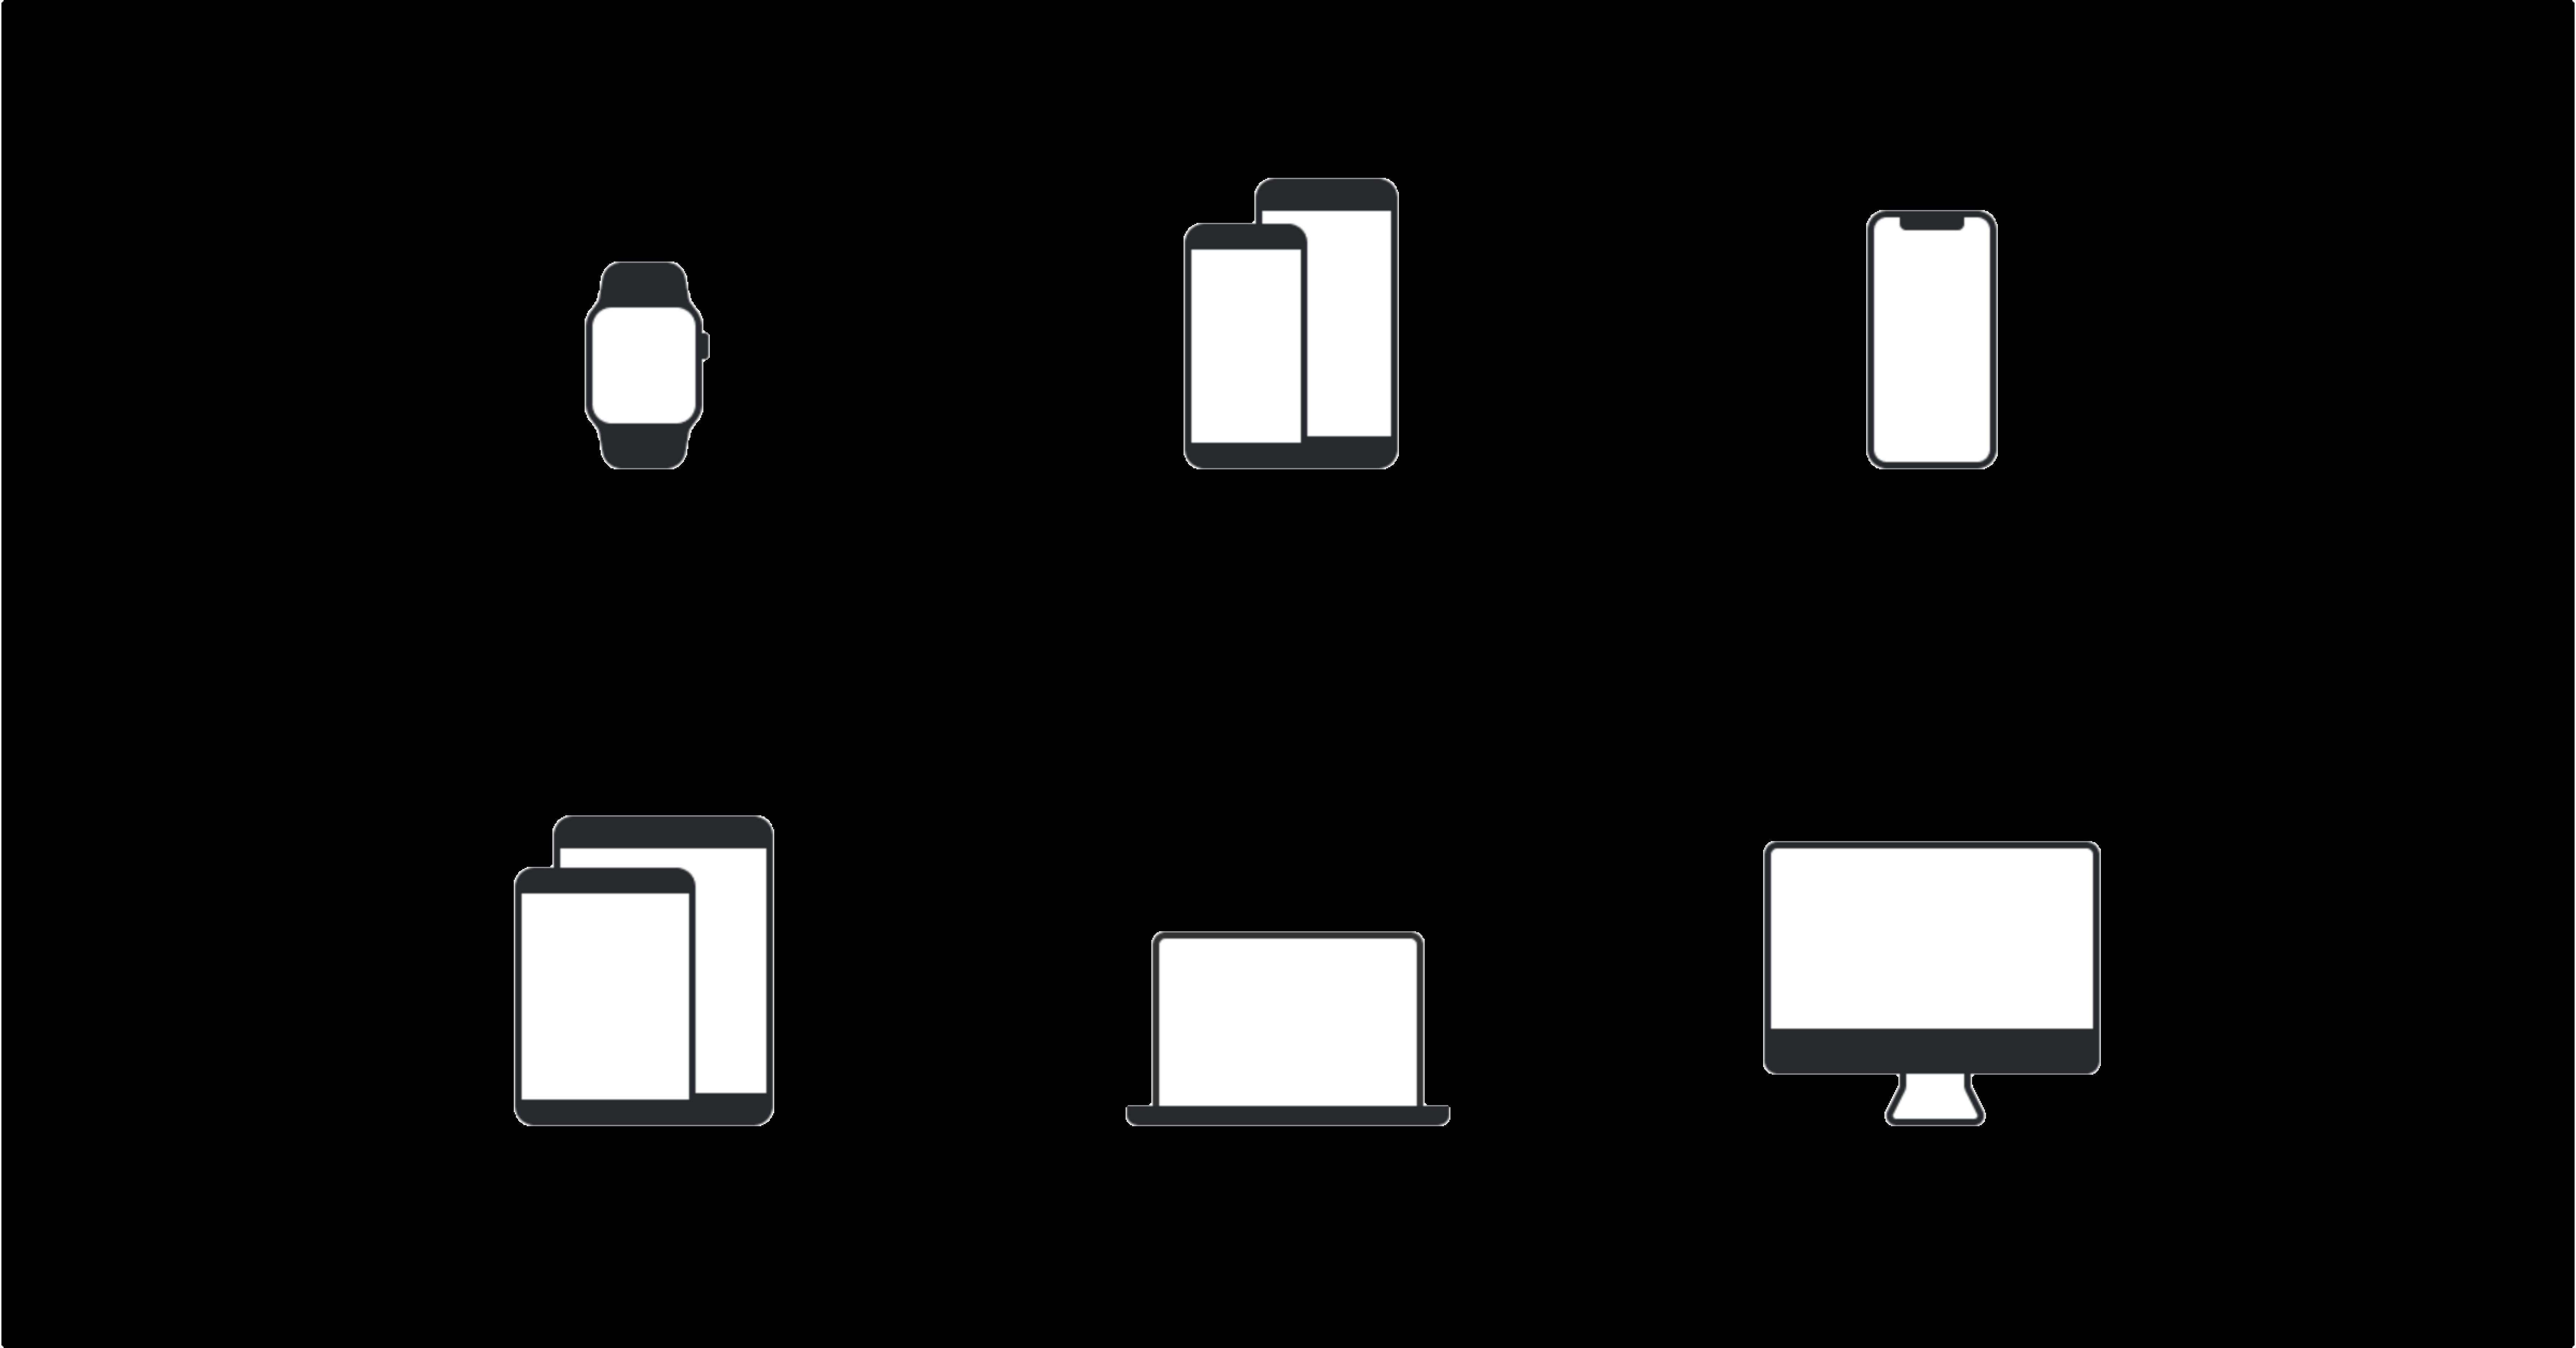 Статьи о том, как я использую приложения для iPhone, iPad и Mac на все 100% и советы как это можете сделать вы.